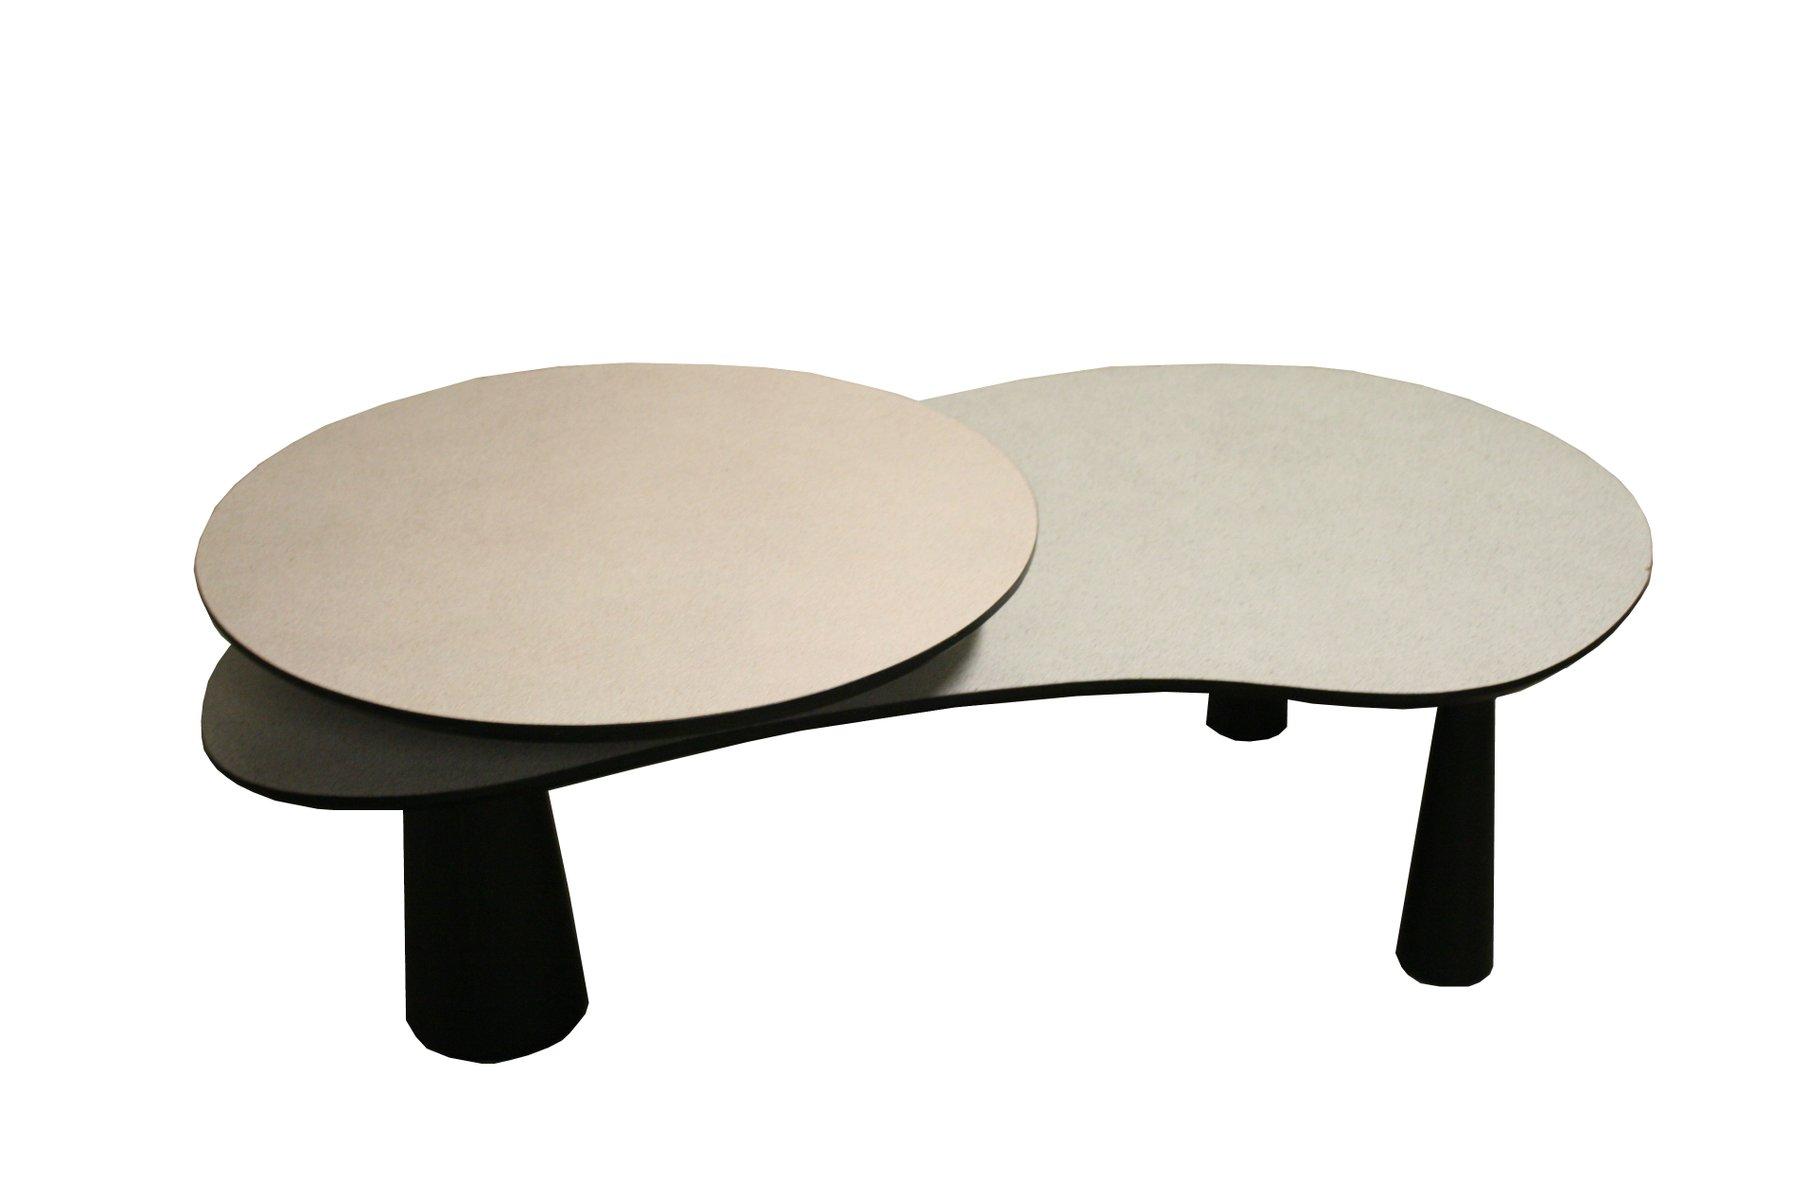 table basse style memphis vintage 1980s en vente sur pamono. Black Bedroom Furniture Sets. Home Design Ideas